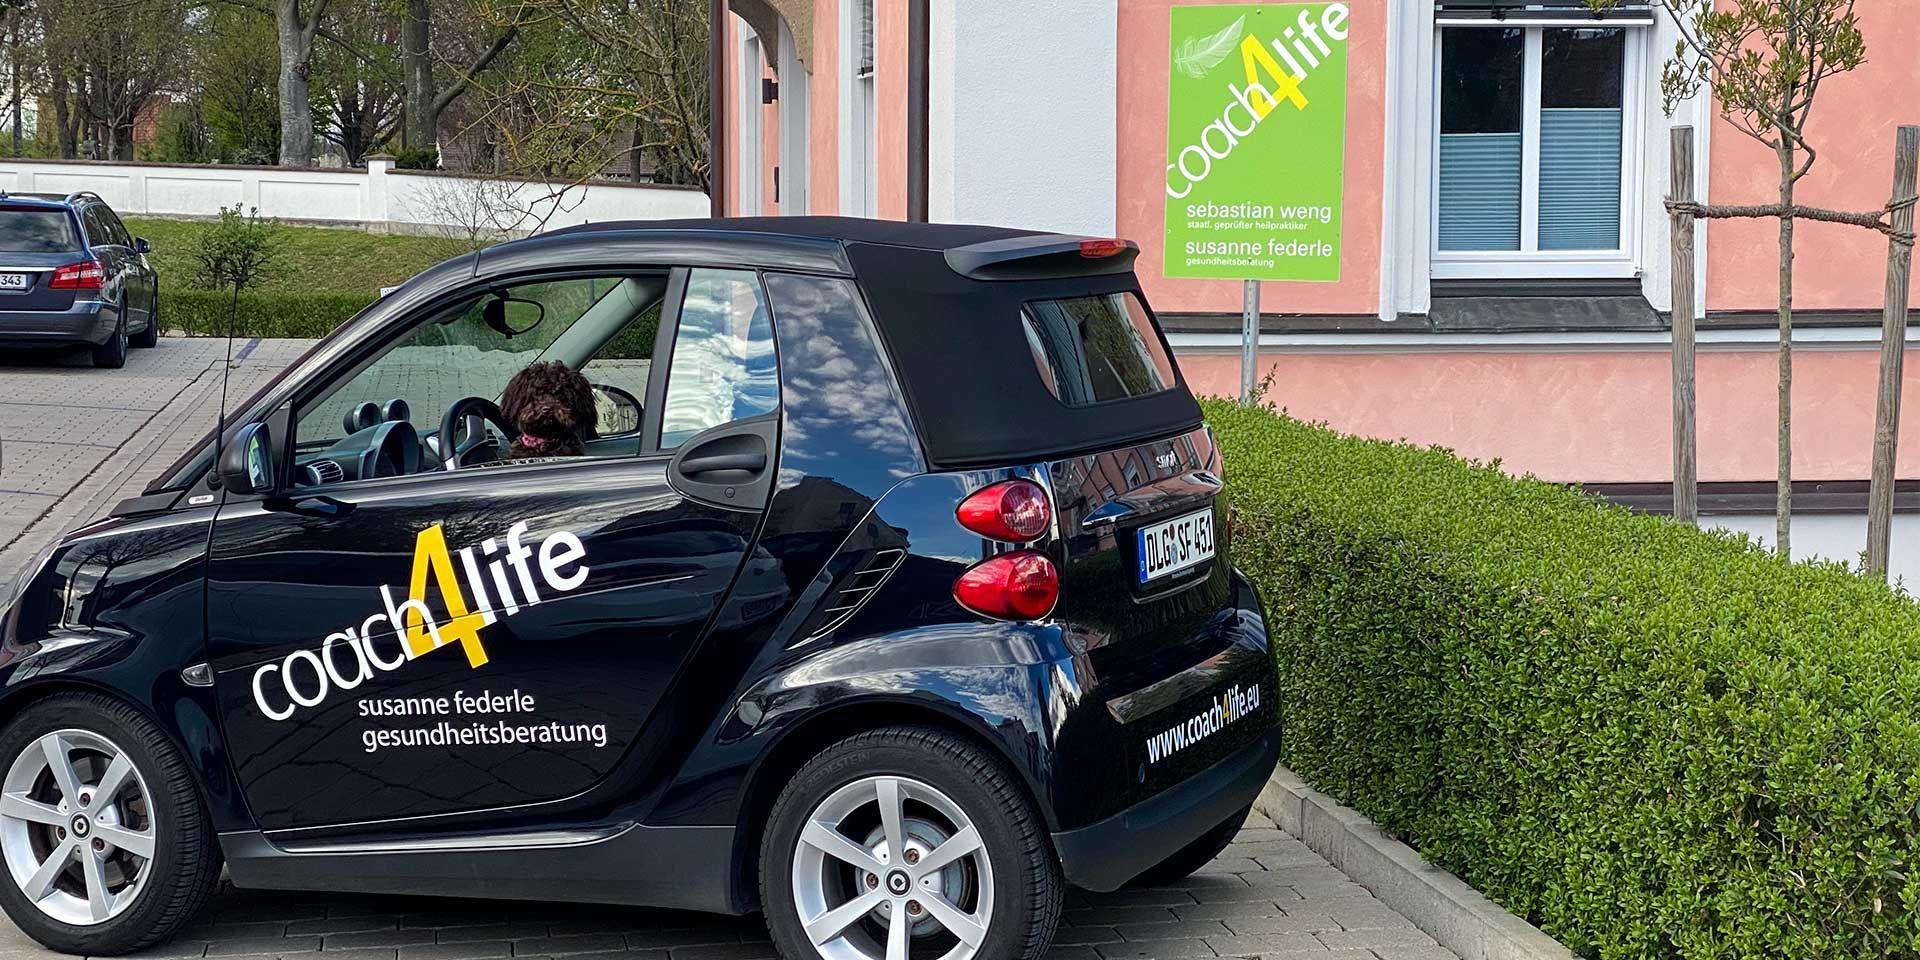 Außenaufnahme Praxis coach4life in Burgau, Landkreis Günzburg